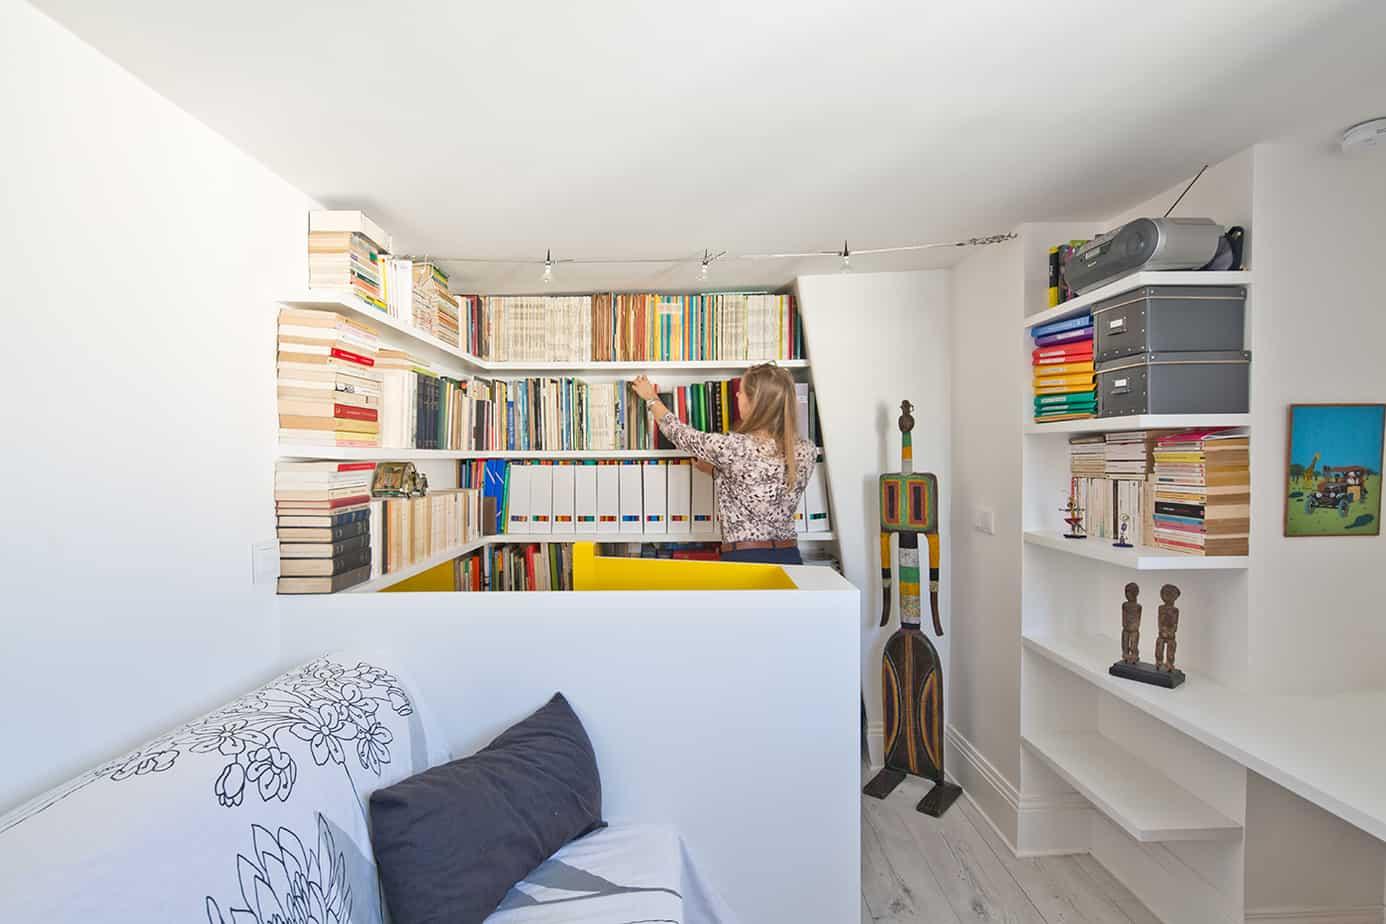 bibliotheque bureau archibien © Jonathan Letoublon Architecte Antonin Ziegler via Archibien 20 - Visite d'un appartement Archibien à Paris